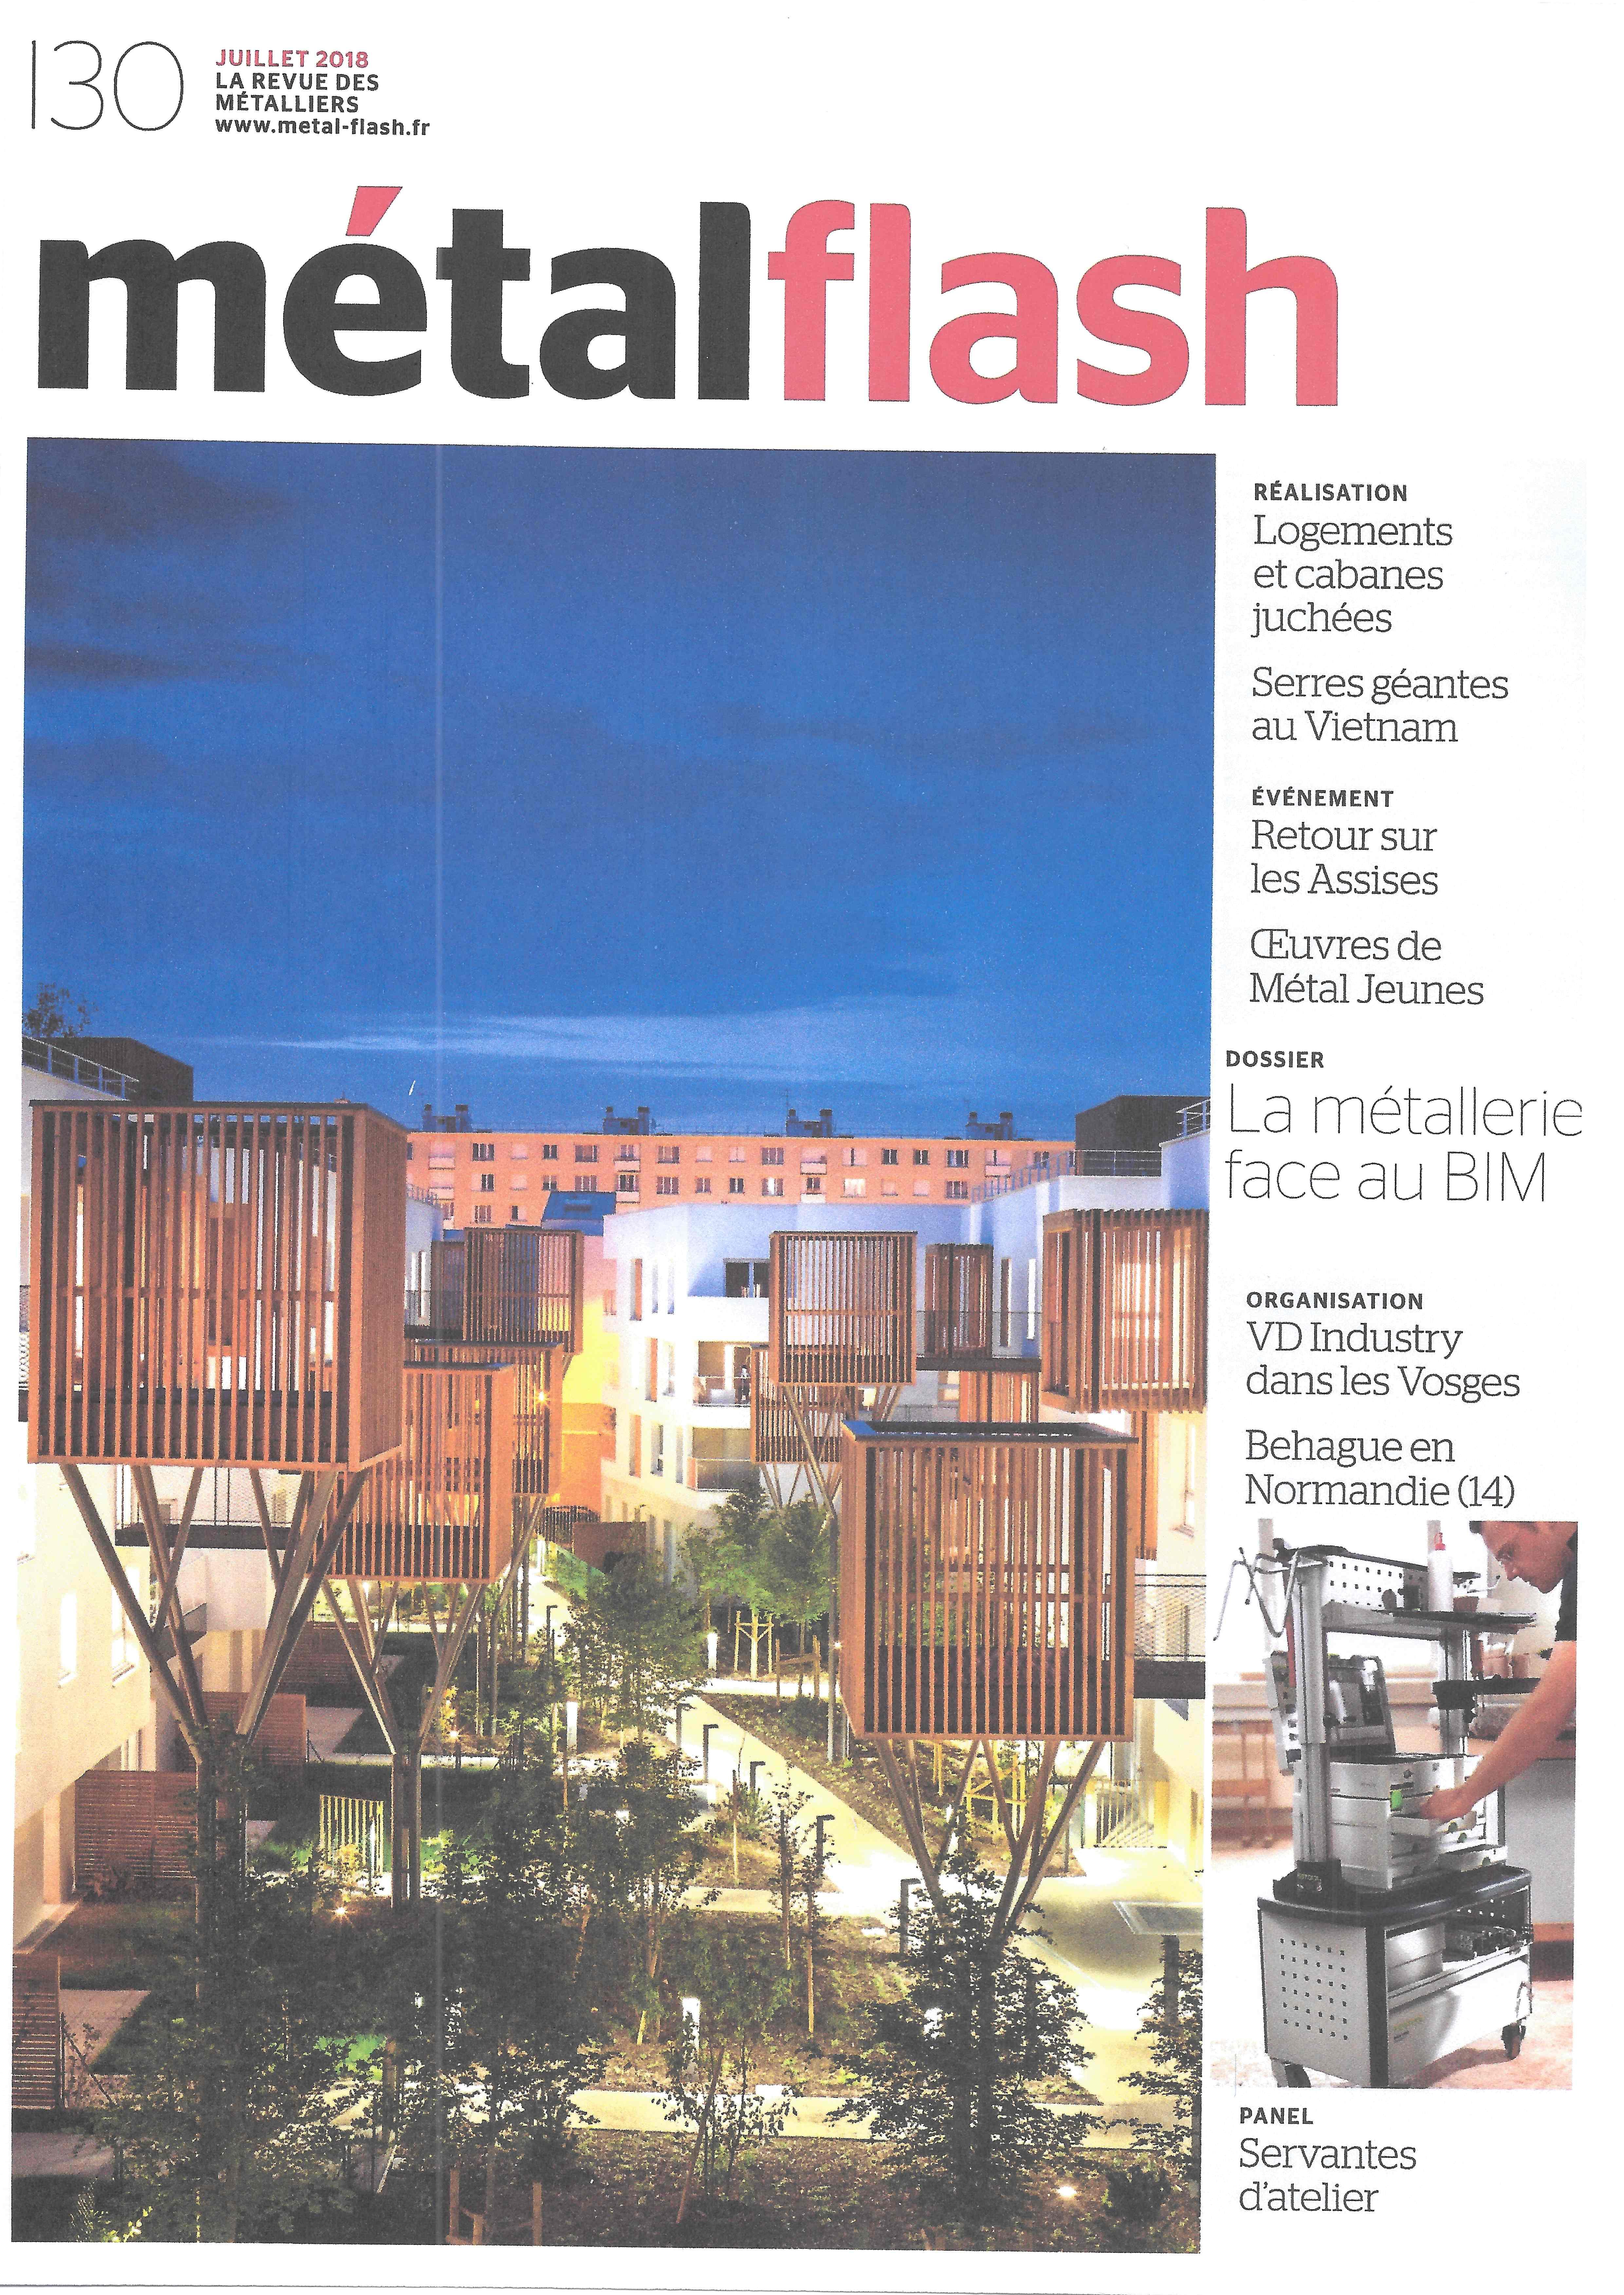 Metalflash n°130 - juillet 2018 - organisation de l'atelier de VD-INDUSTRY